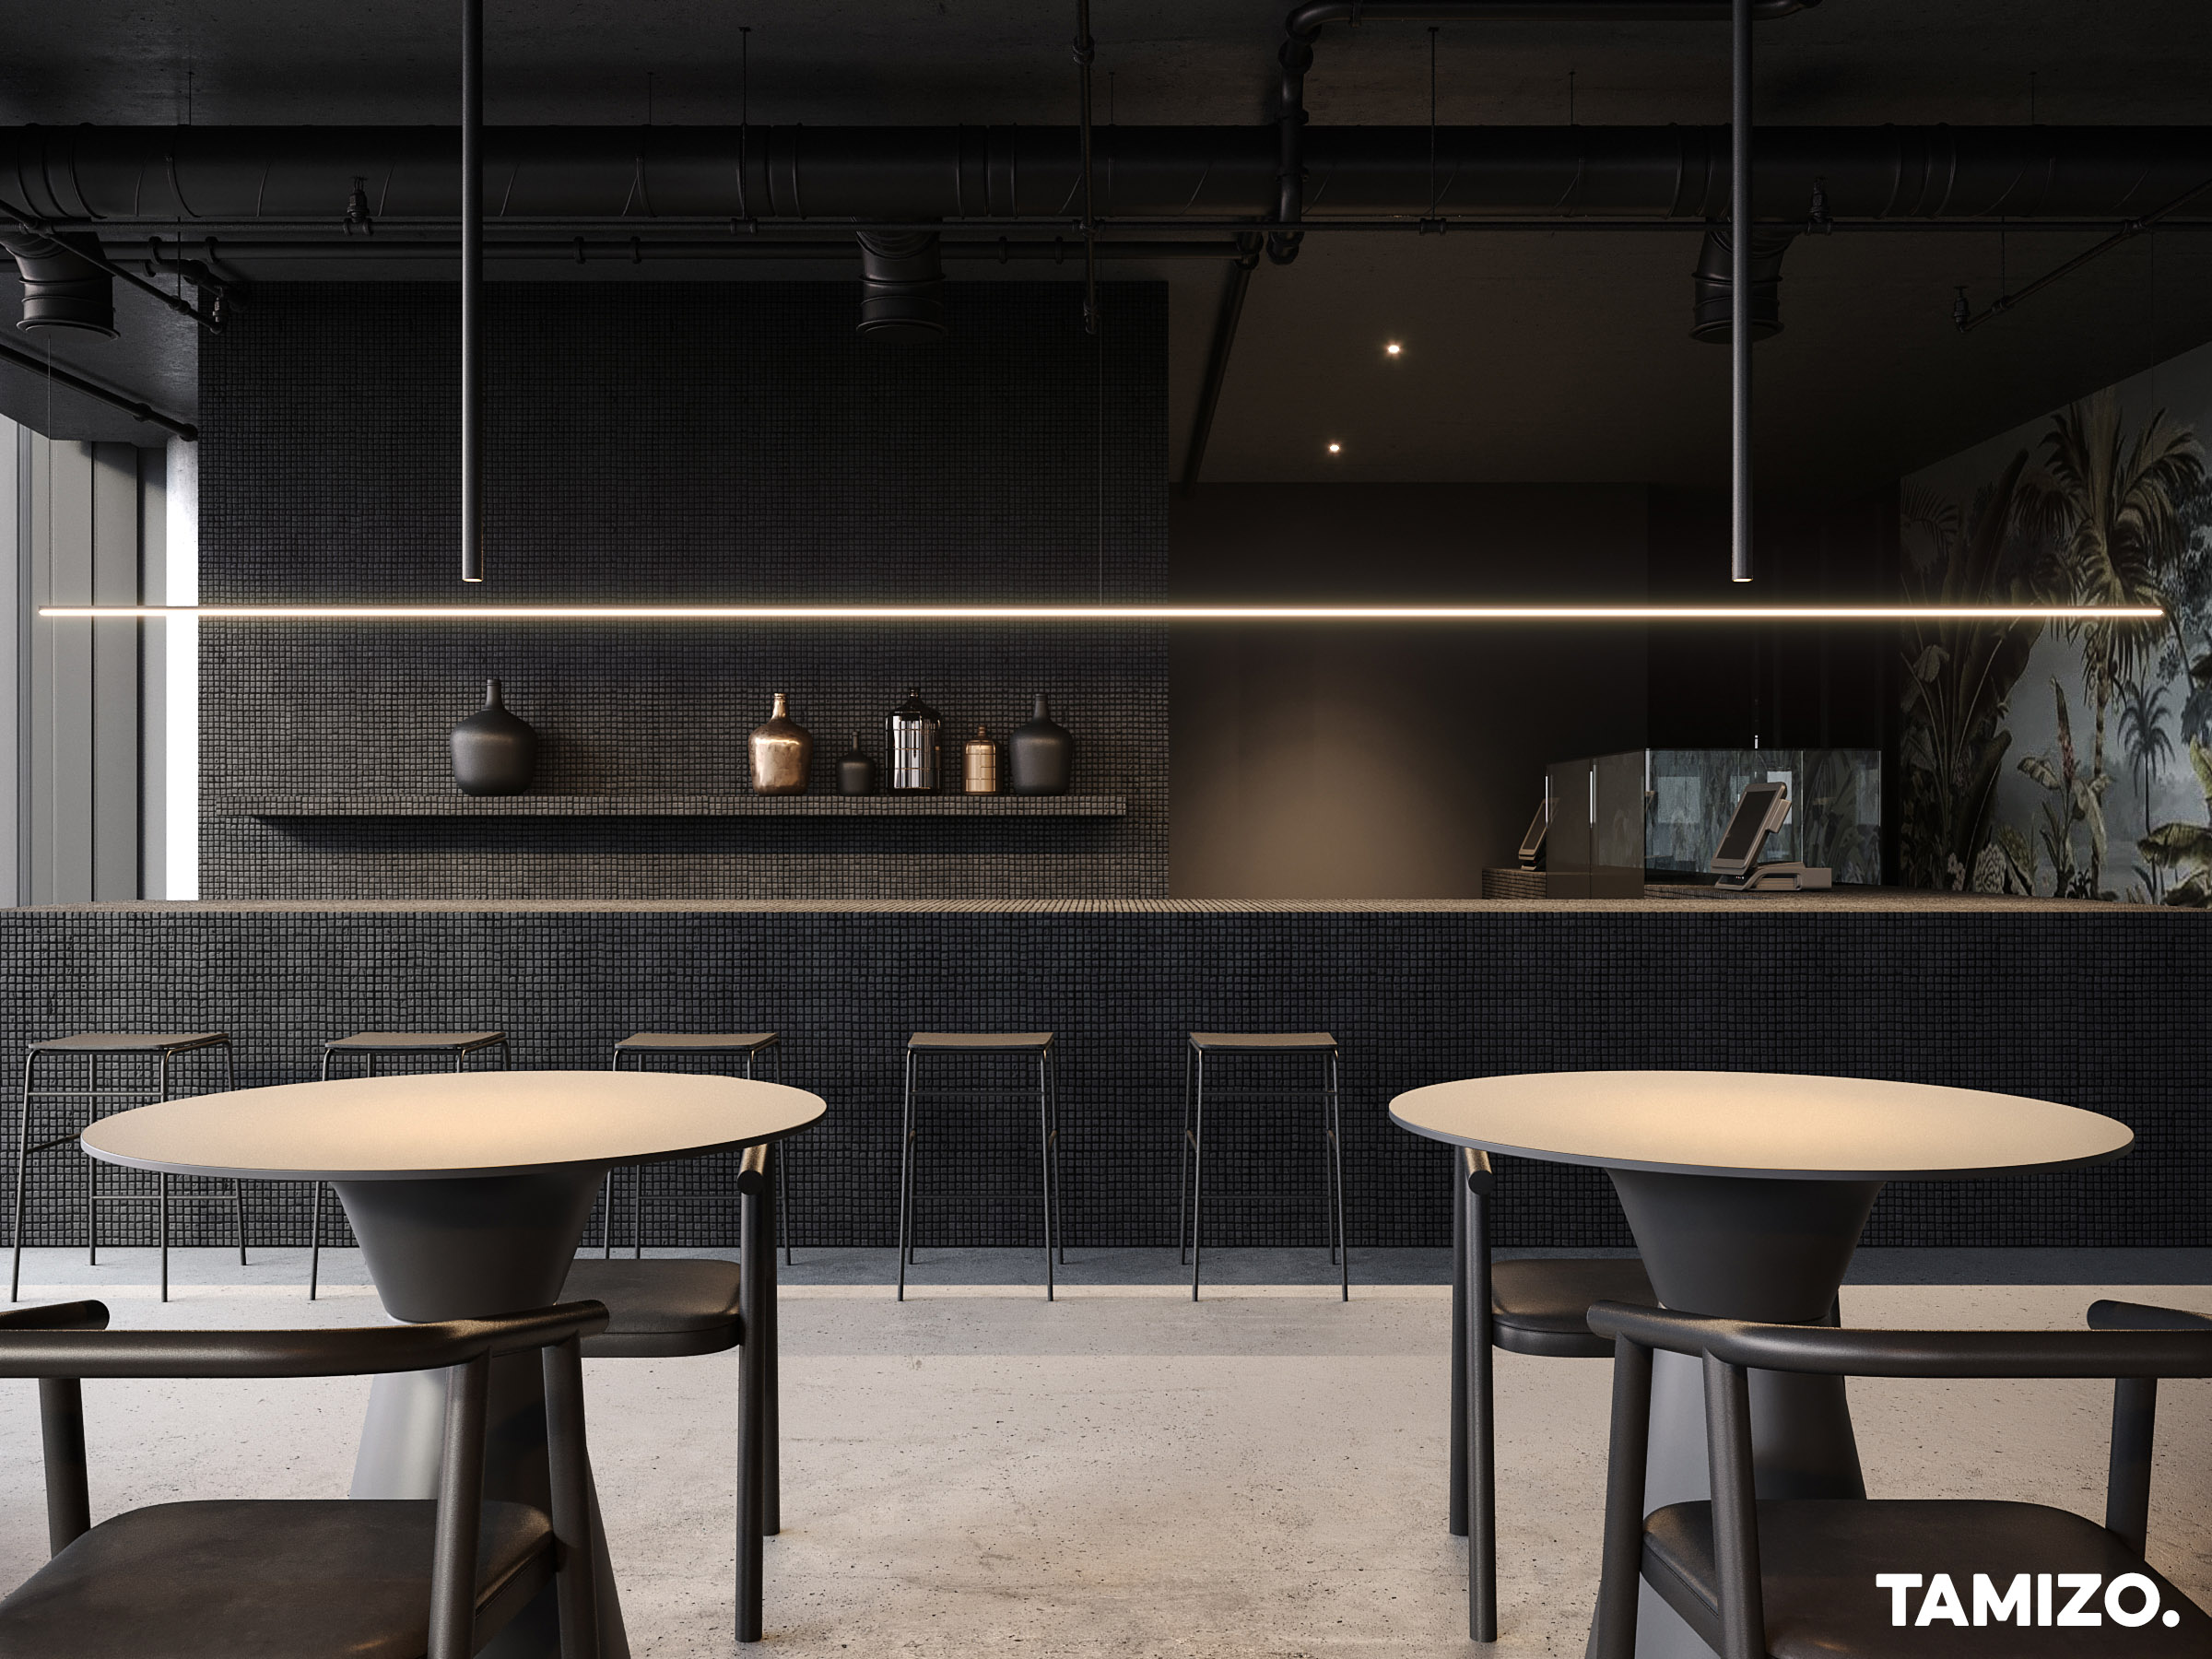 I092_tamizo_architects_projekt-wnetrz-restauracja-kantyna-mbank-mcafe-knajpa-bar-coffe-cafe-01 copy